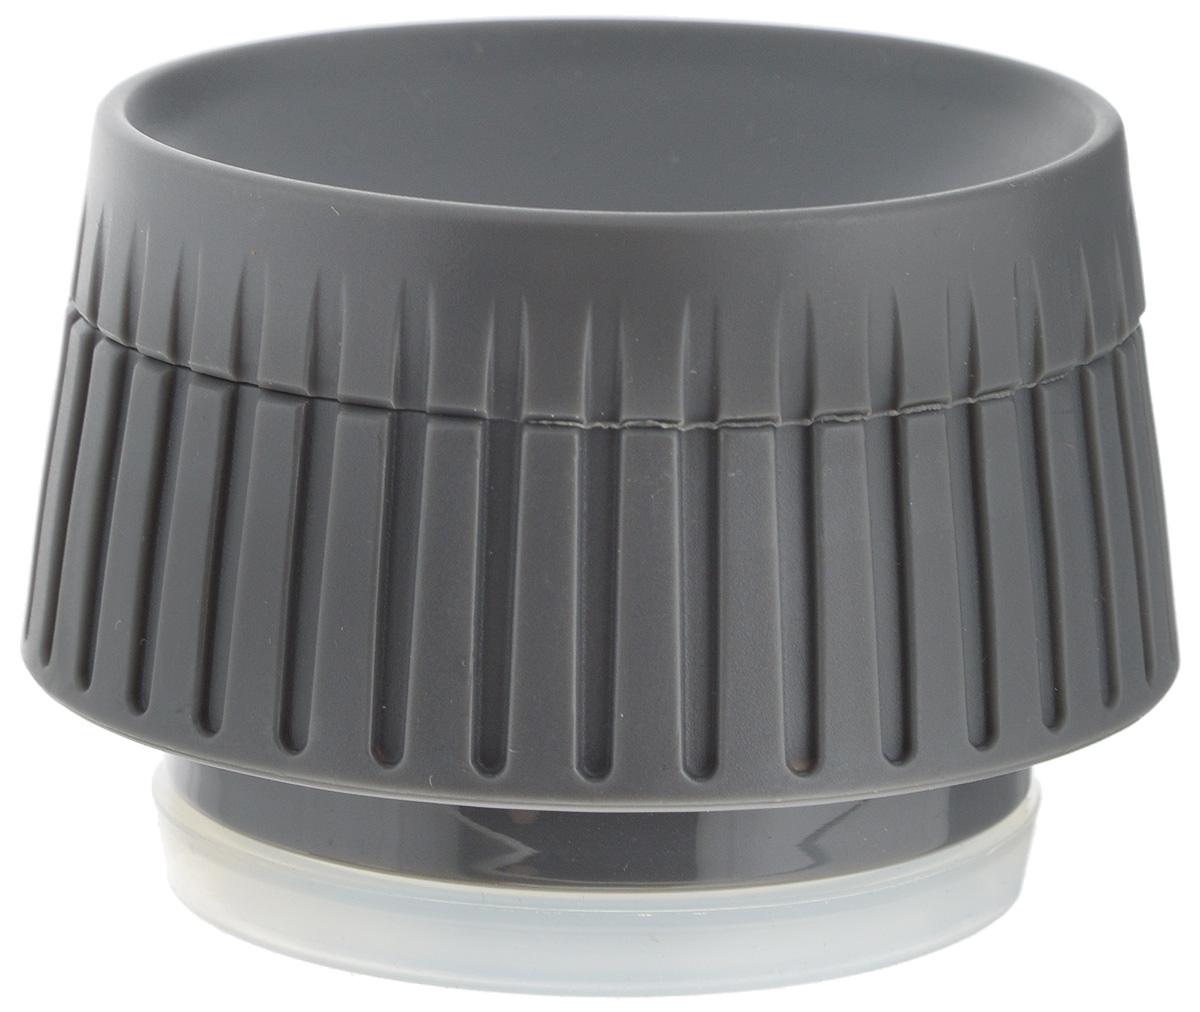 Крышка-дозатор Primus Standard Stopper, для термоса TrailBreak737939Вакуумная крышка-дозатор Primus Standard Stopper предназначена для термосов Primus TrailBreak. Изделие выполнено из пластика и снабжено силиконовой прослойкой дляплотного и надежного закрытия.